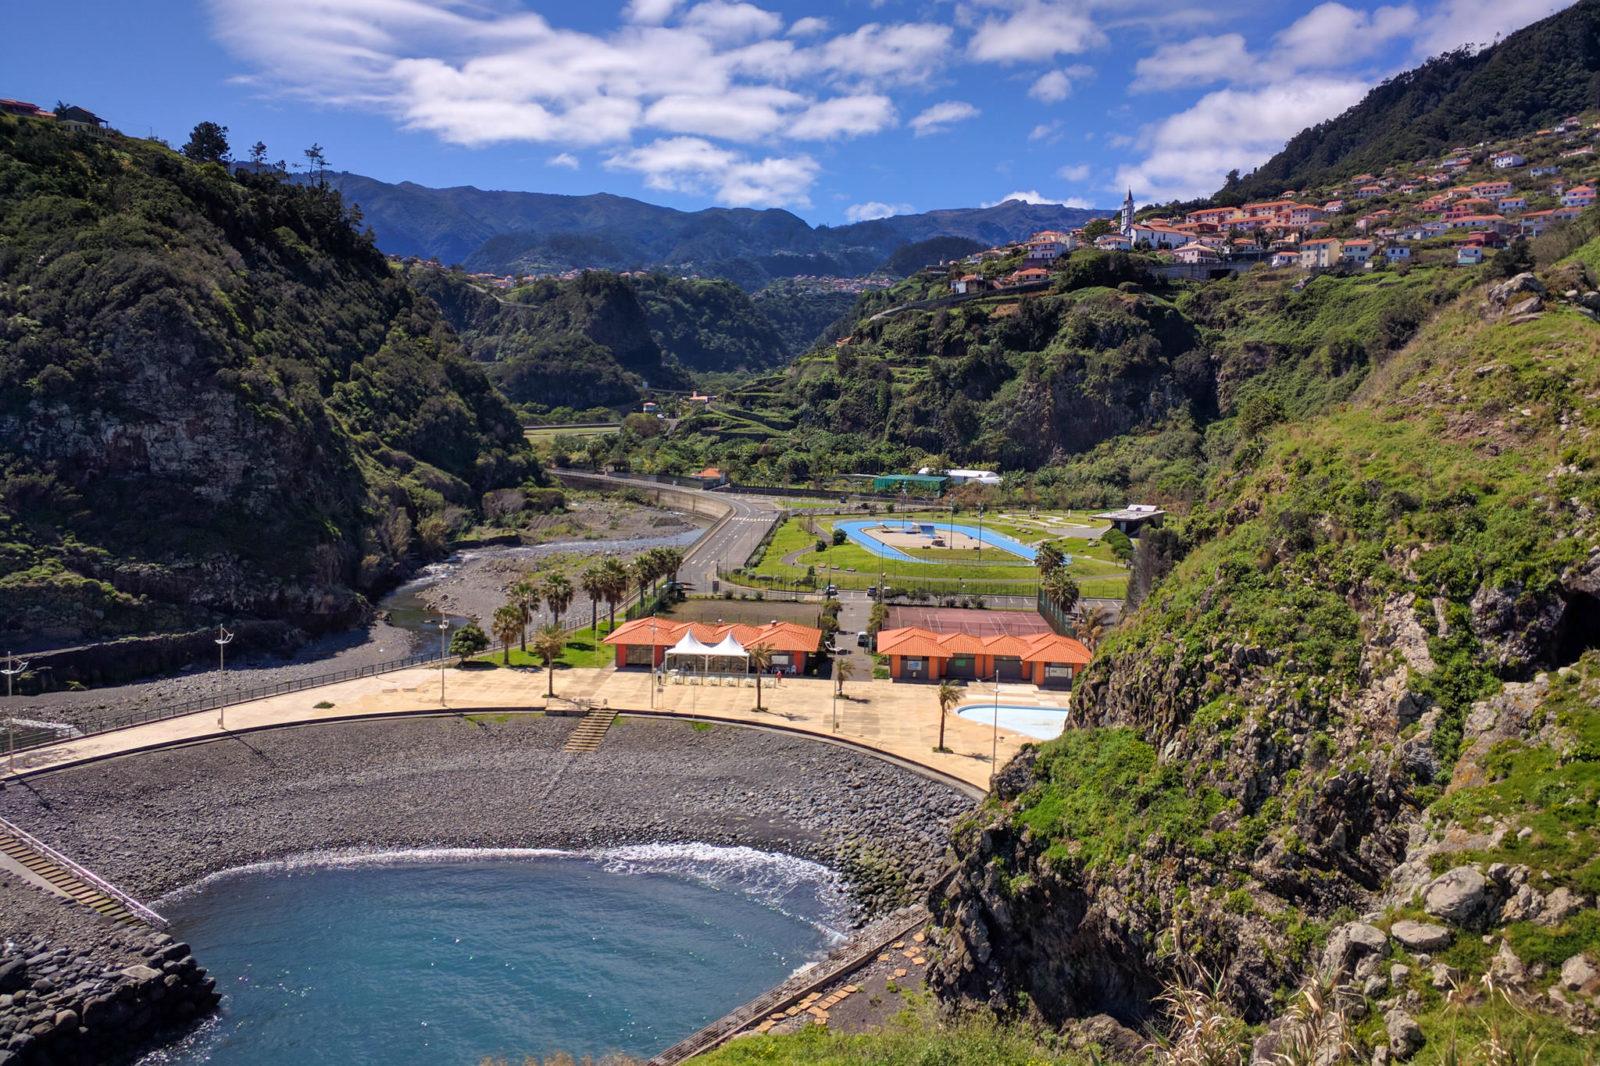 Пляж в устье реки Рибейра-до-Фаял (фото: Carlos Faria)